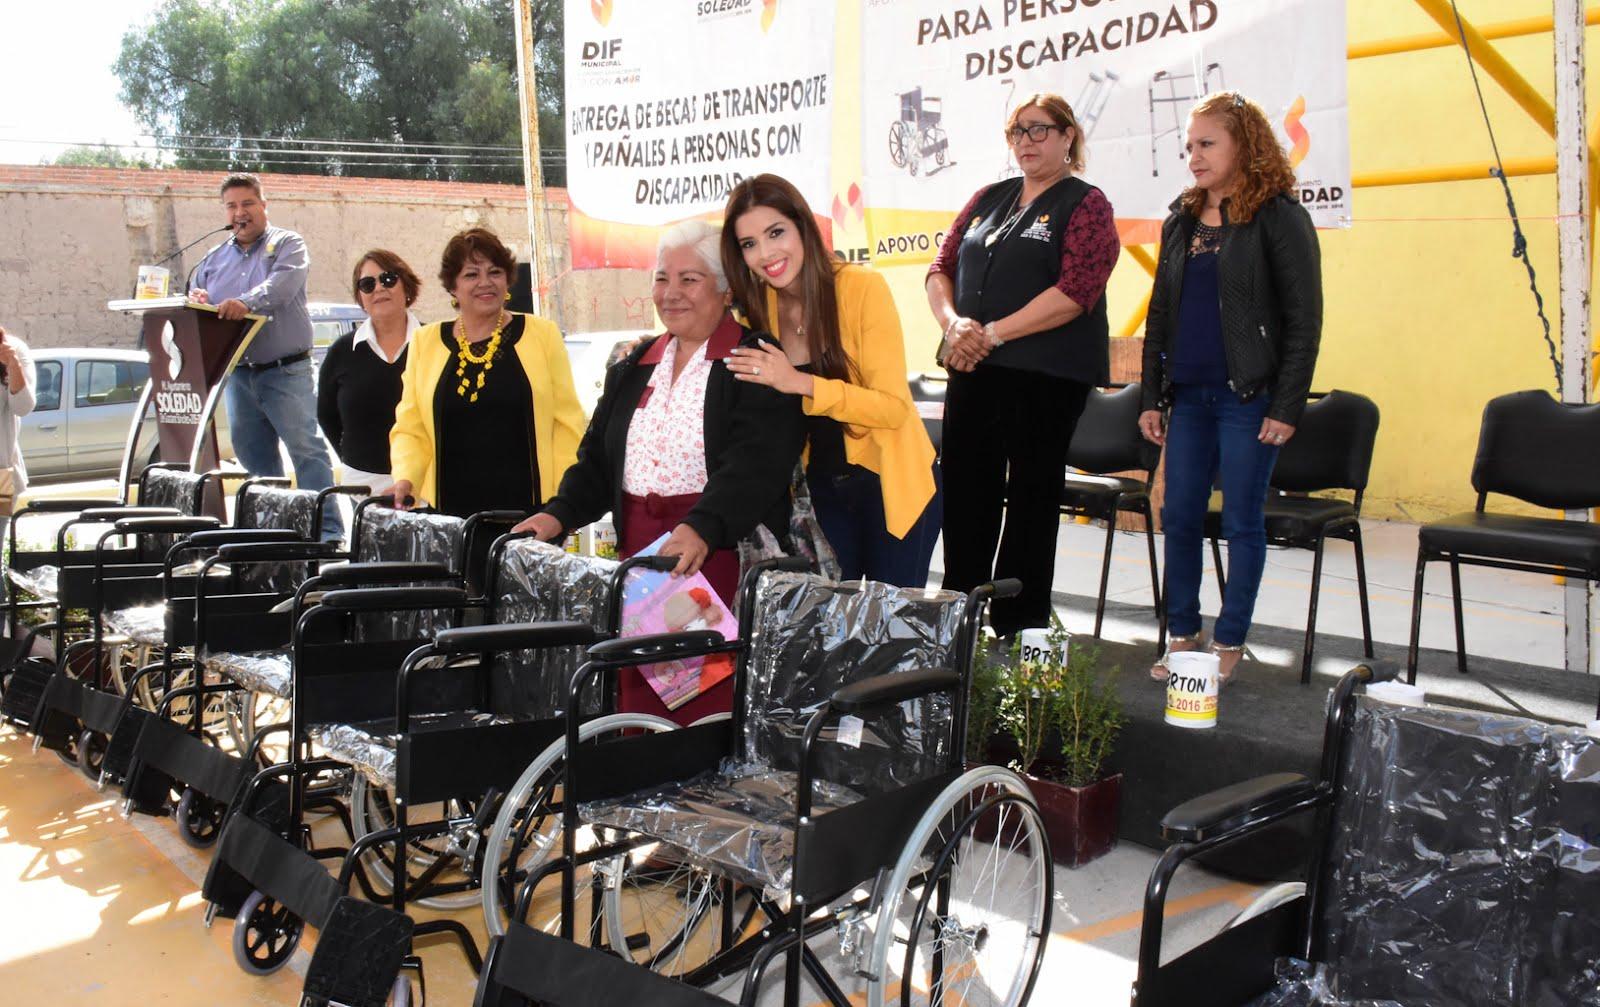 ENTREGA PRESIDENTA DEL DIF DE SOLEDAD SILLAS DE RUEDAS A PERSONAS CON DISCAPACIDAD